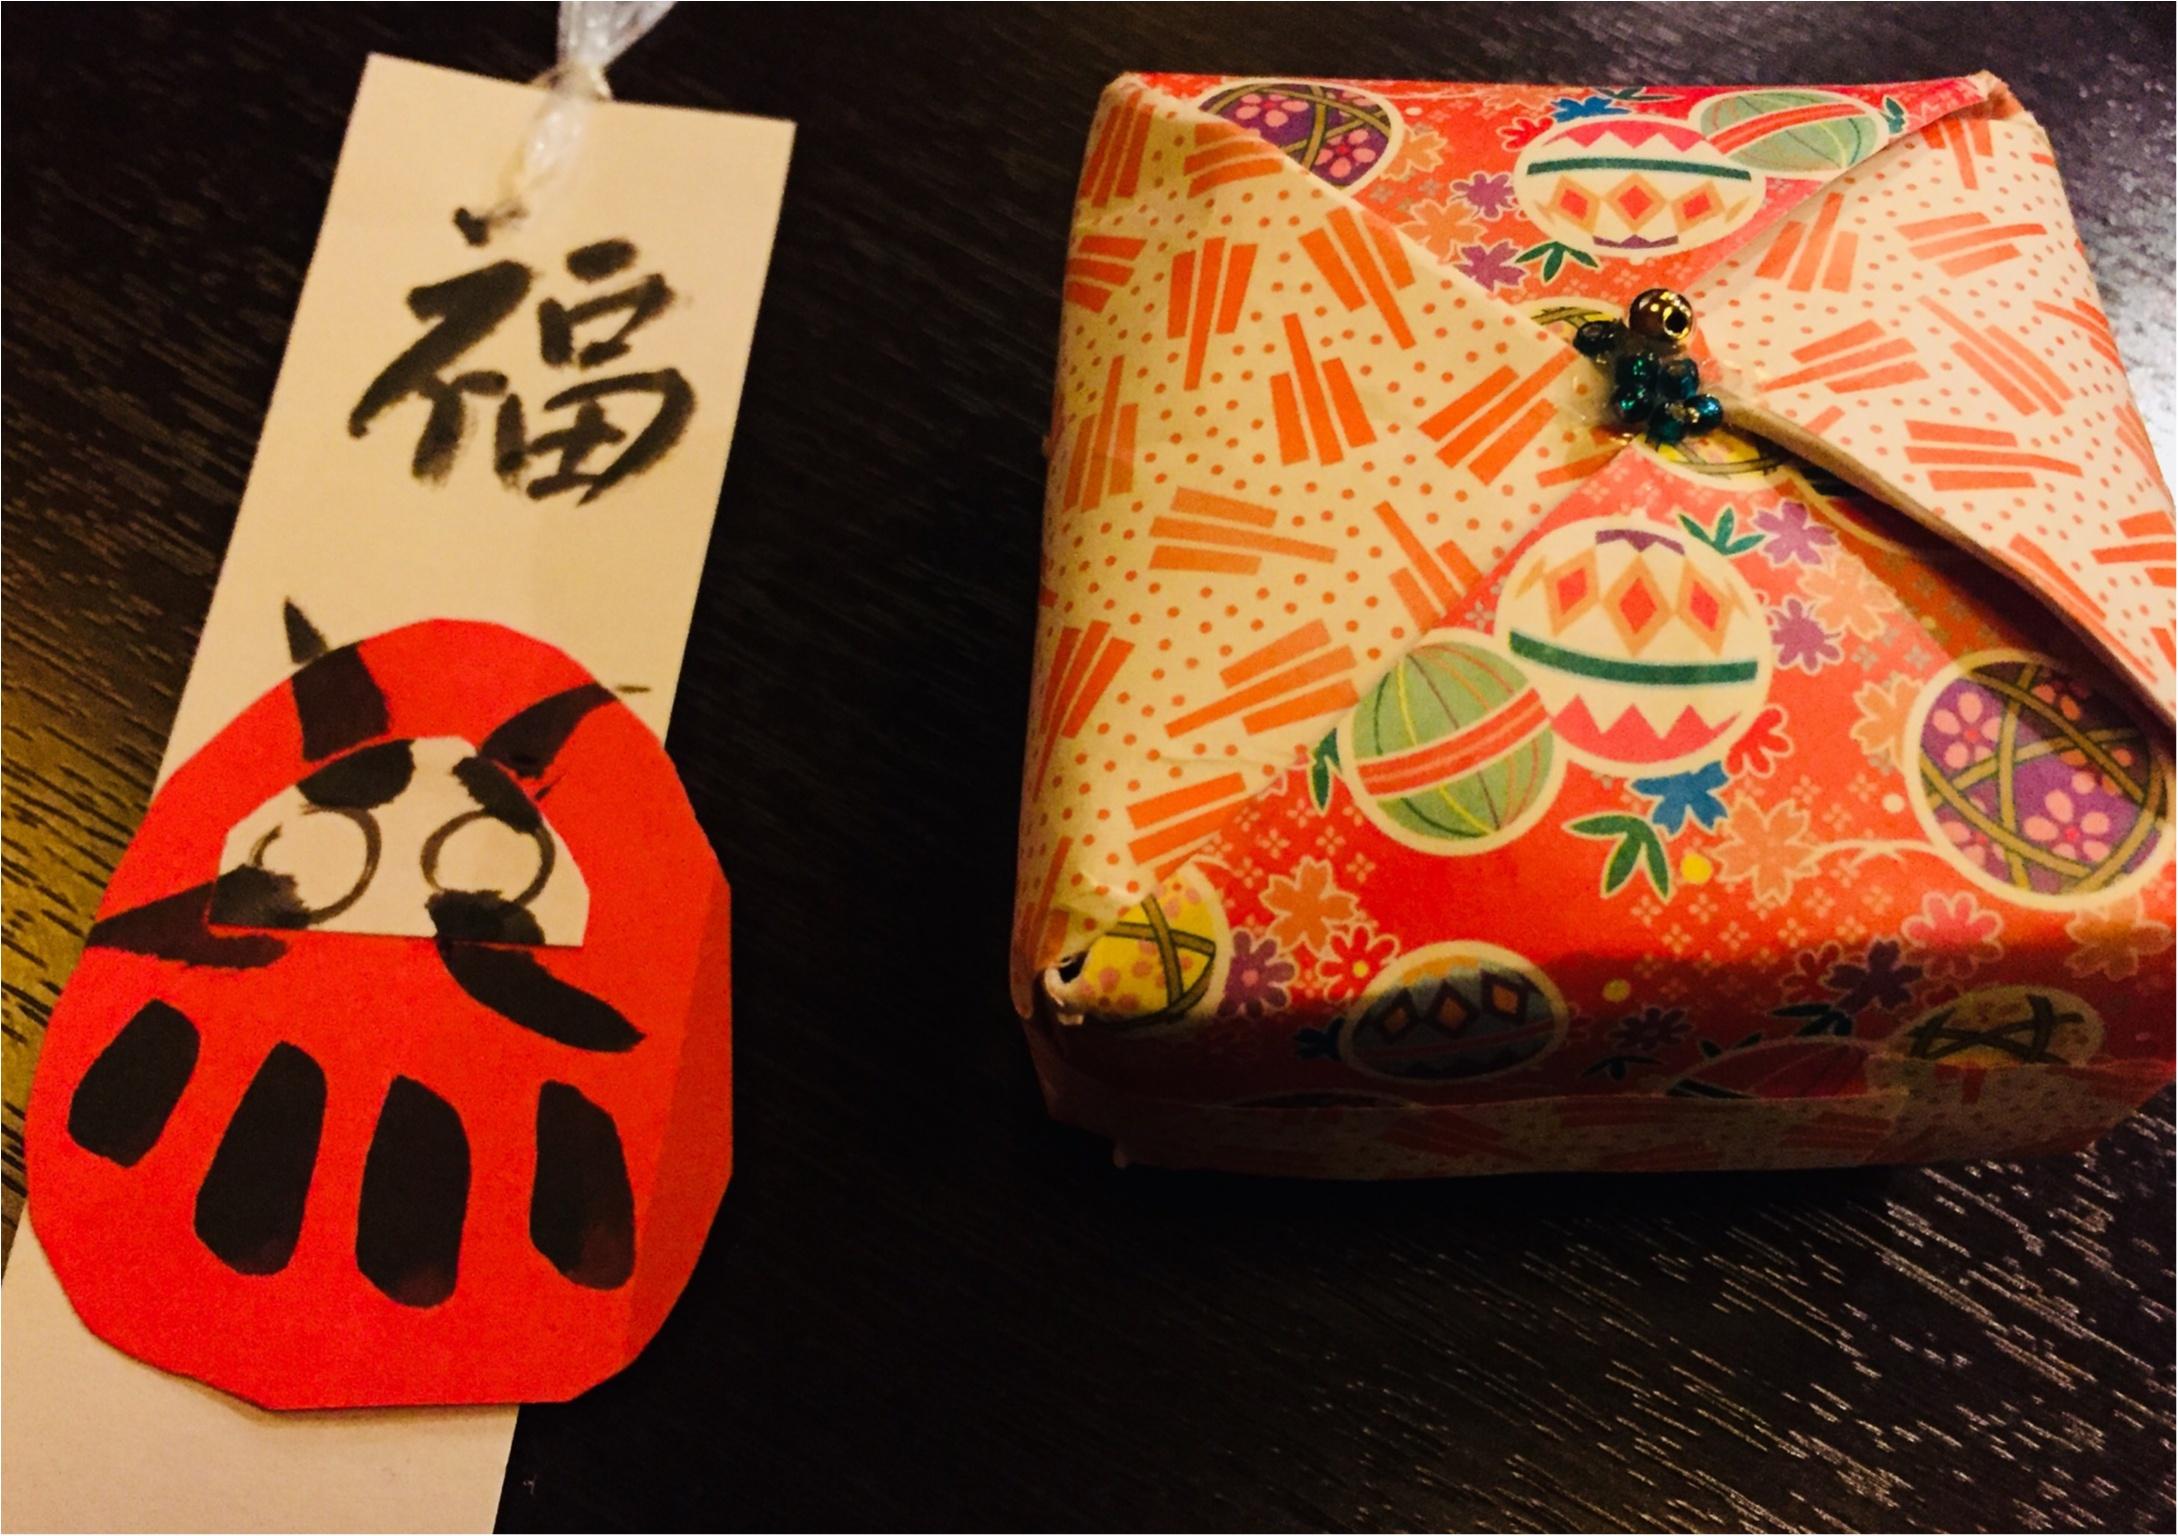 【東京/新宿/絶品すき焼き】asuが自信を持っておすすめ☝︎本物の美味しさと人の温かさを感じられるステキなお店はこちらです❤︎_2